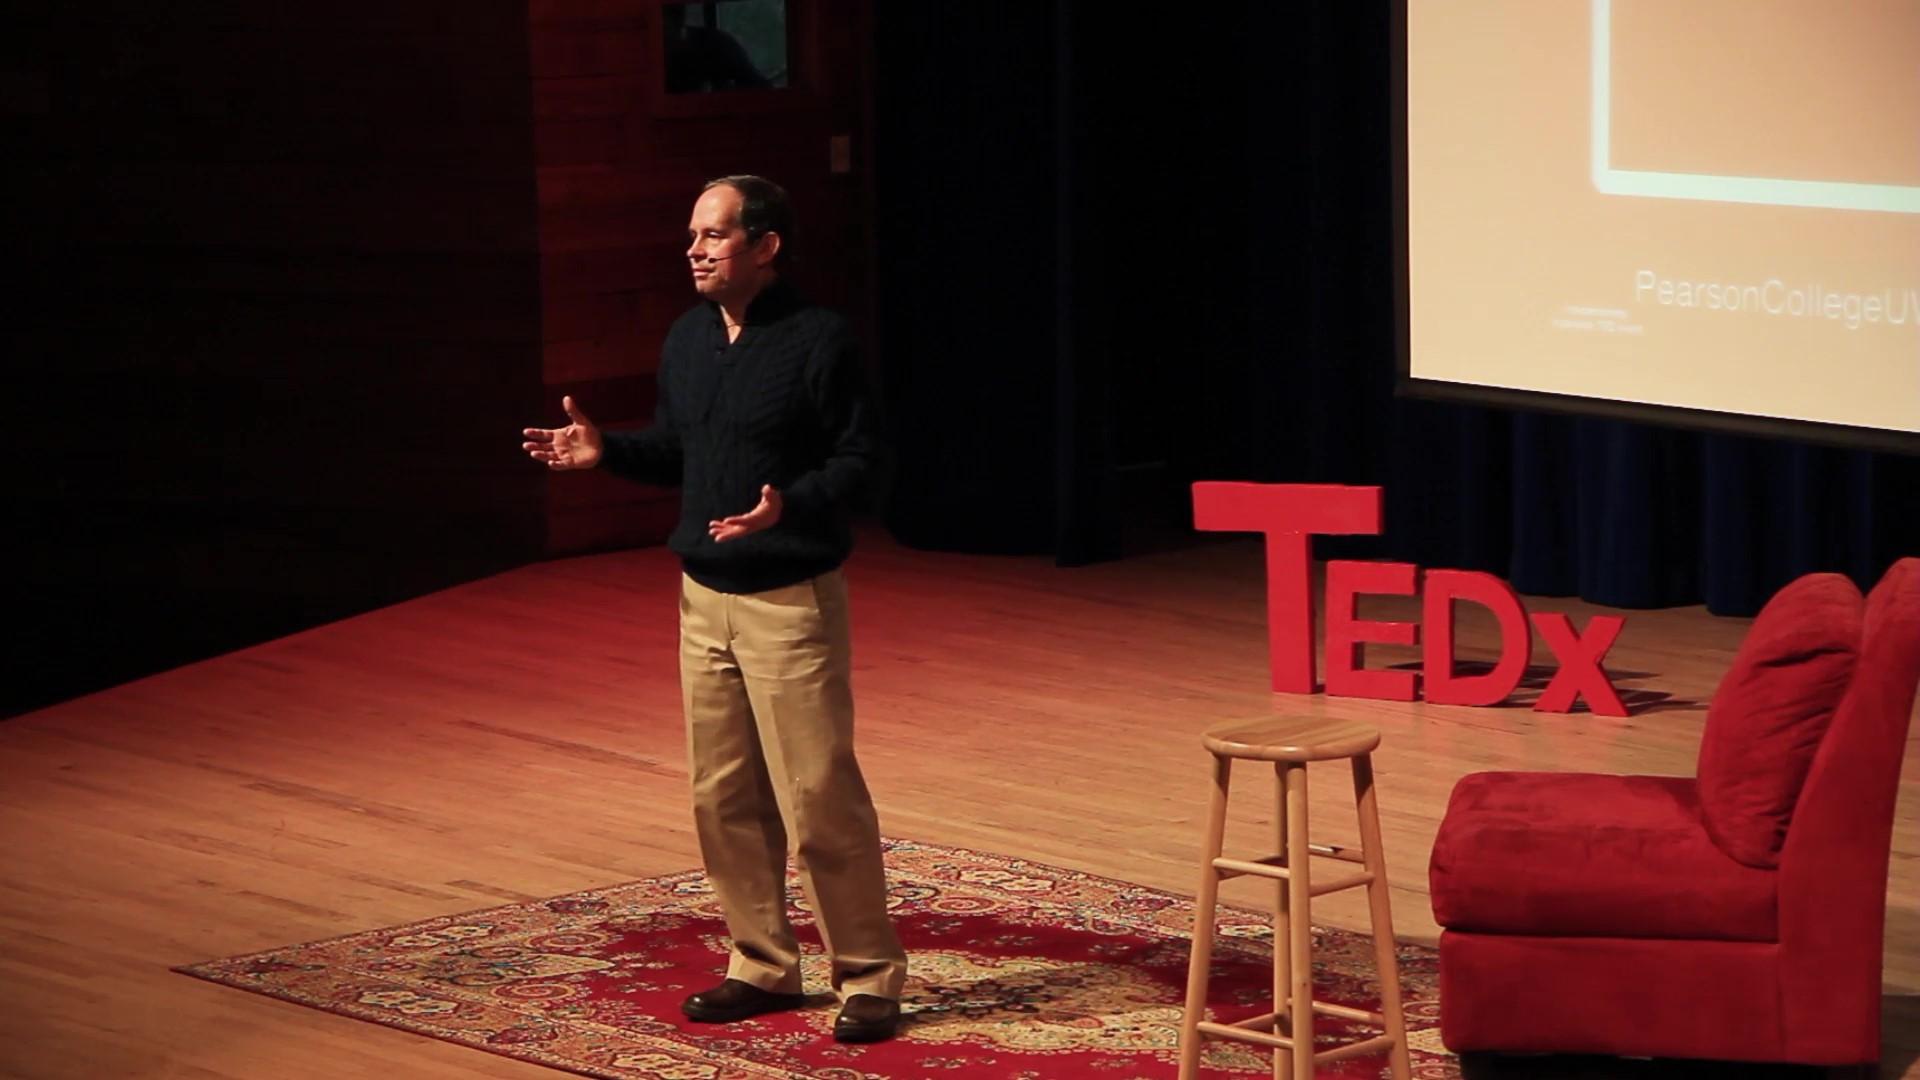 Peter Scott Pearson TEDx_Moment.jpg